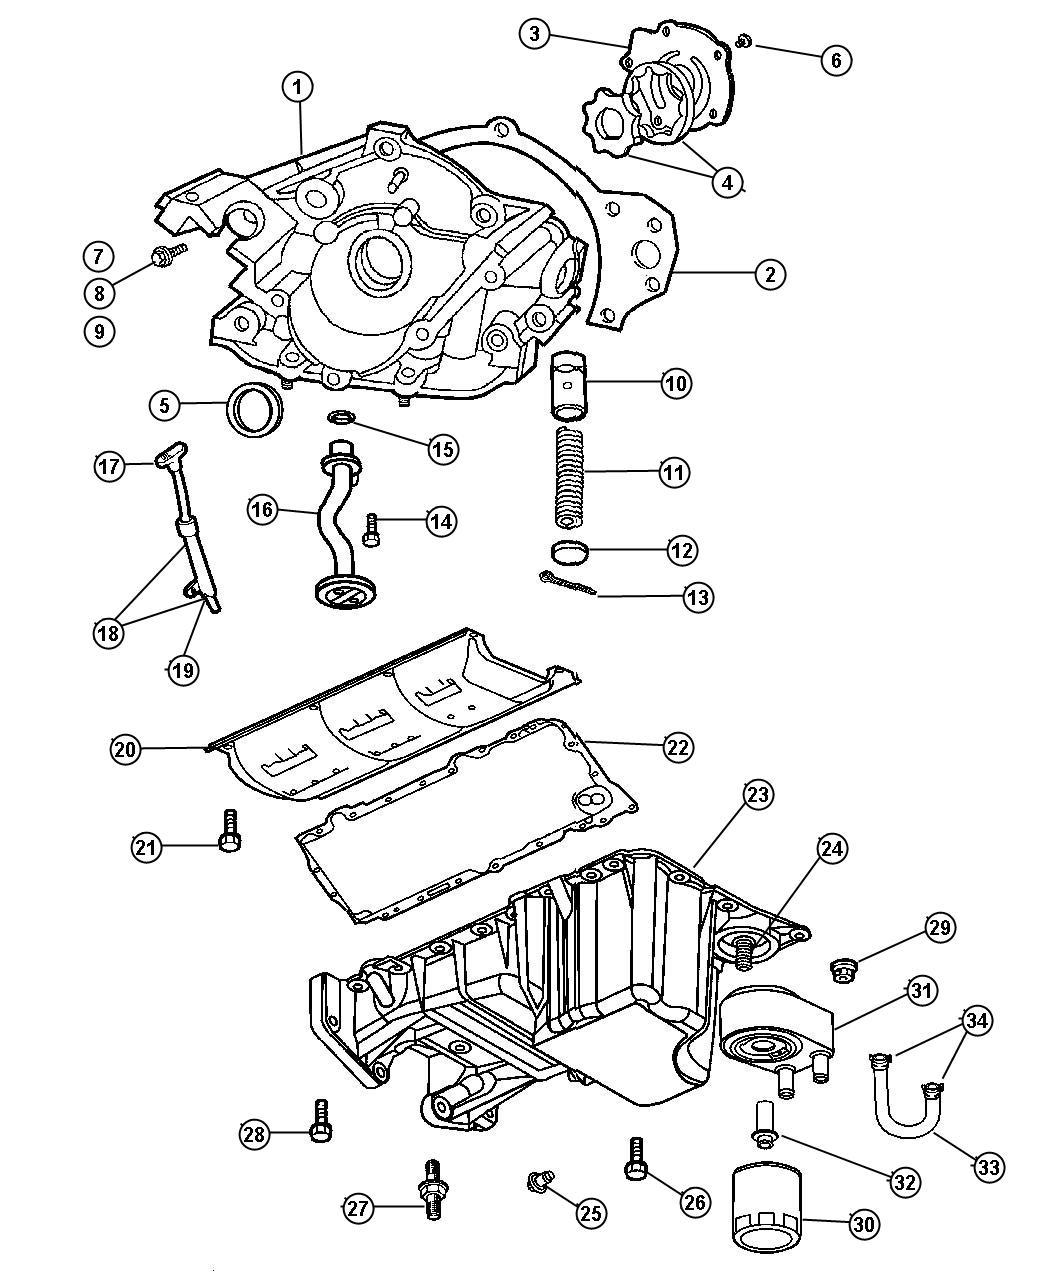 2005 Dodge Magnum Code P0113 | Wiring Diagram Database